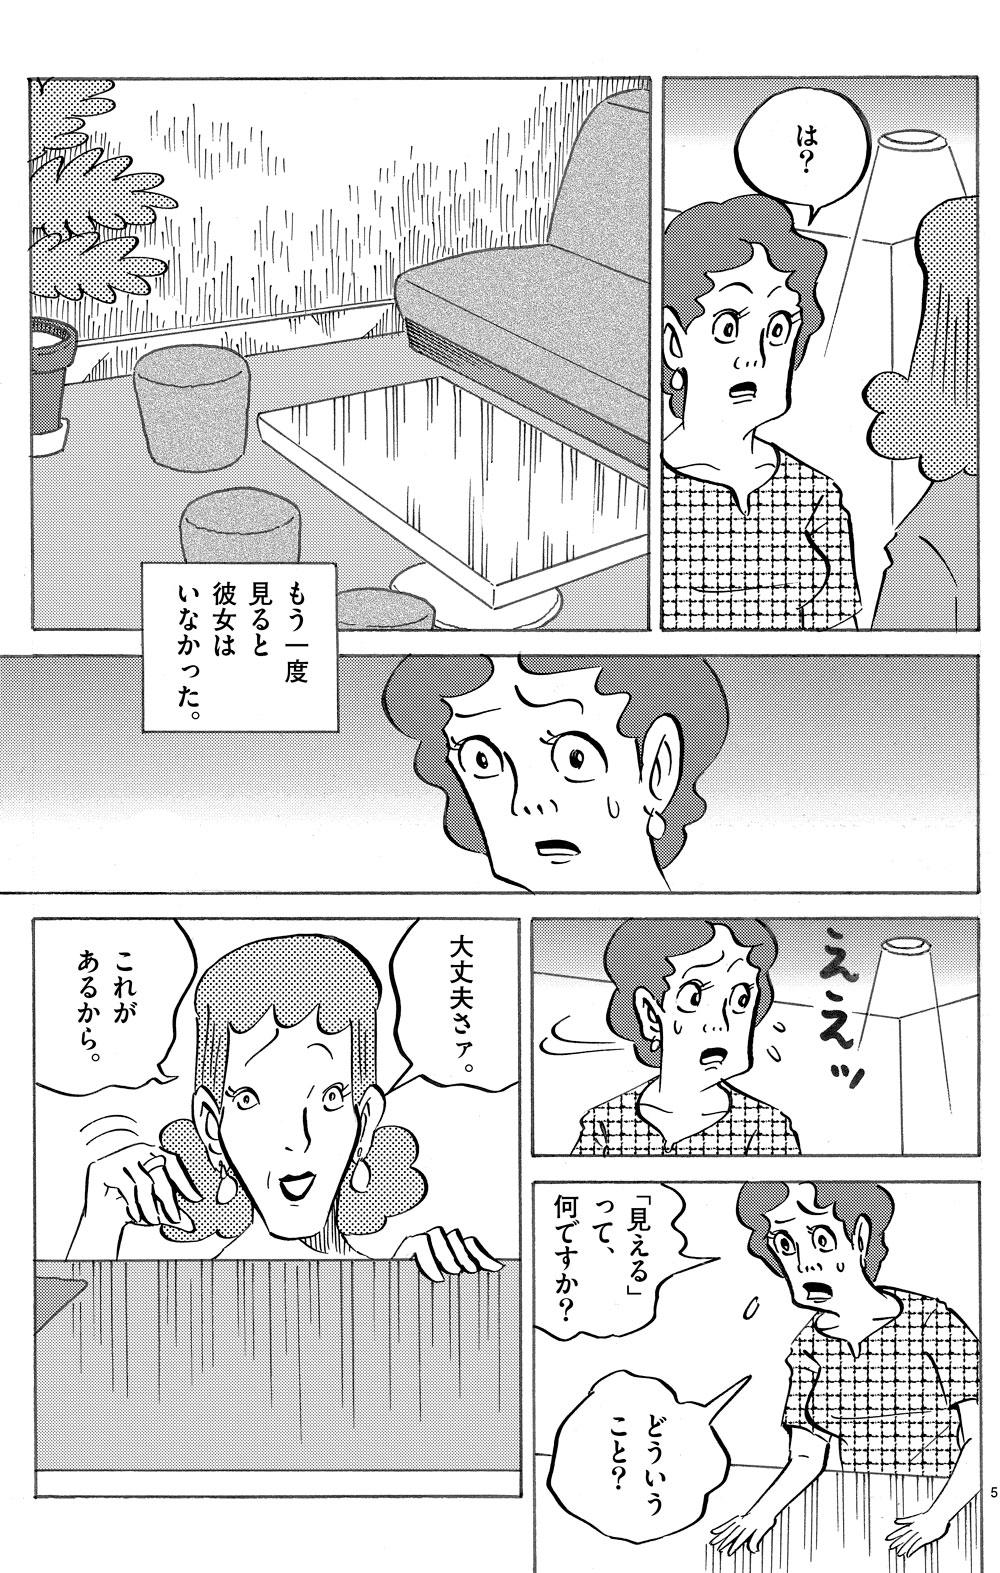 琉球怪談 【第4話】WEB掲載5ページ目画像